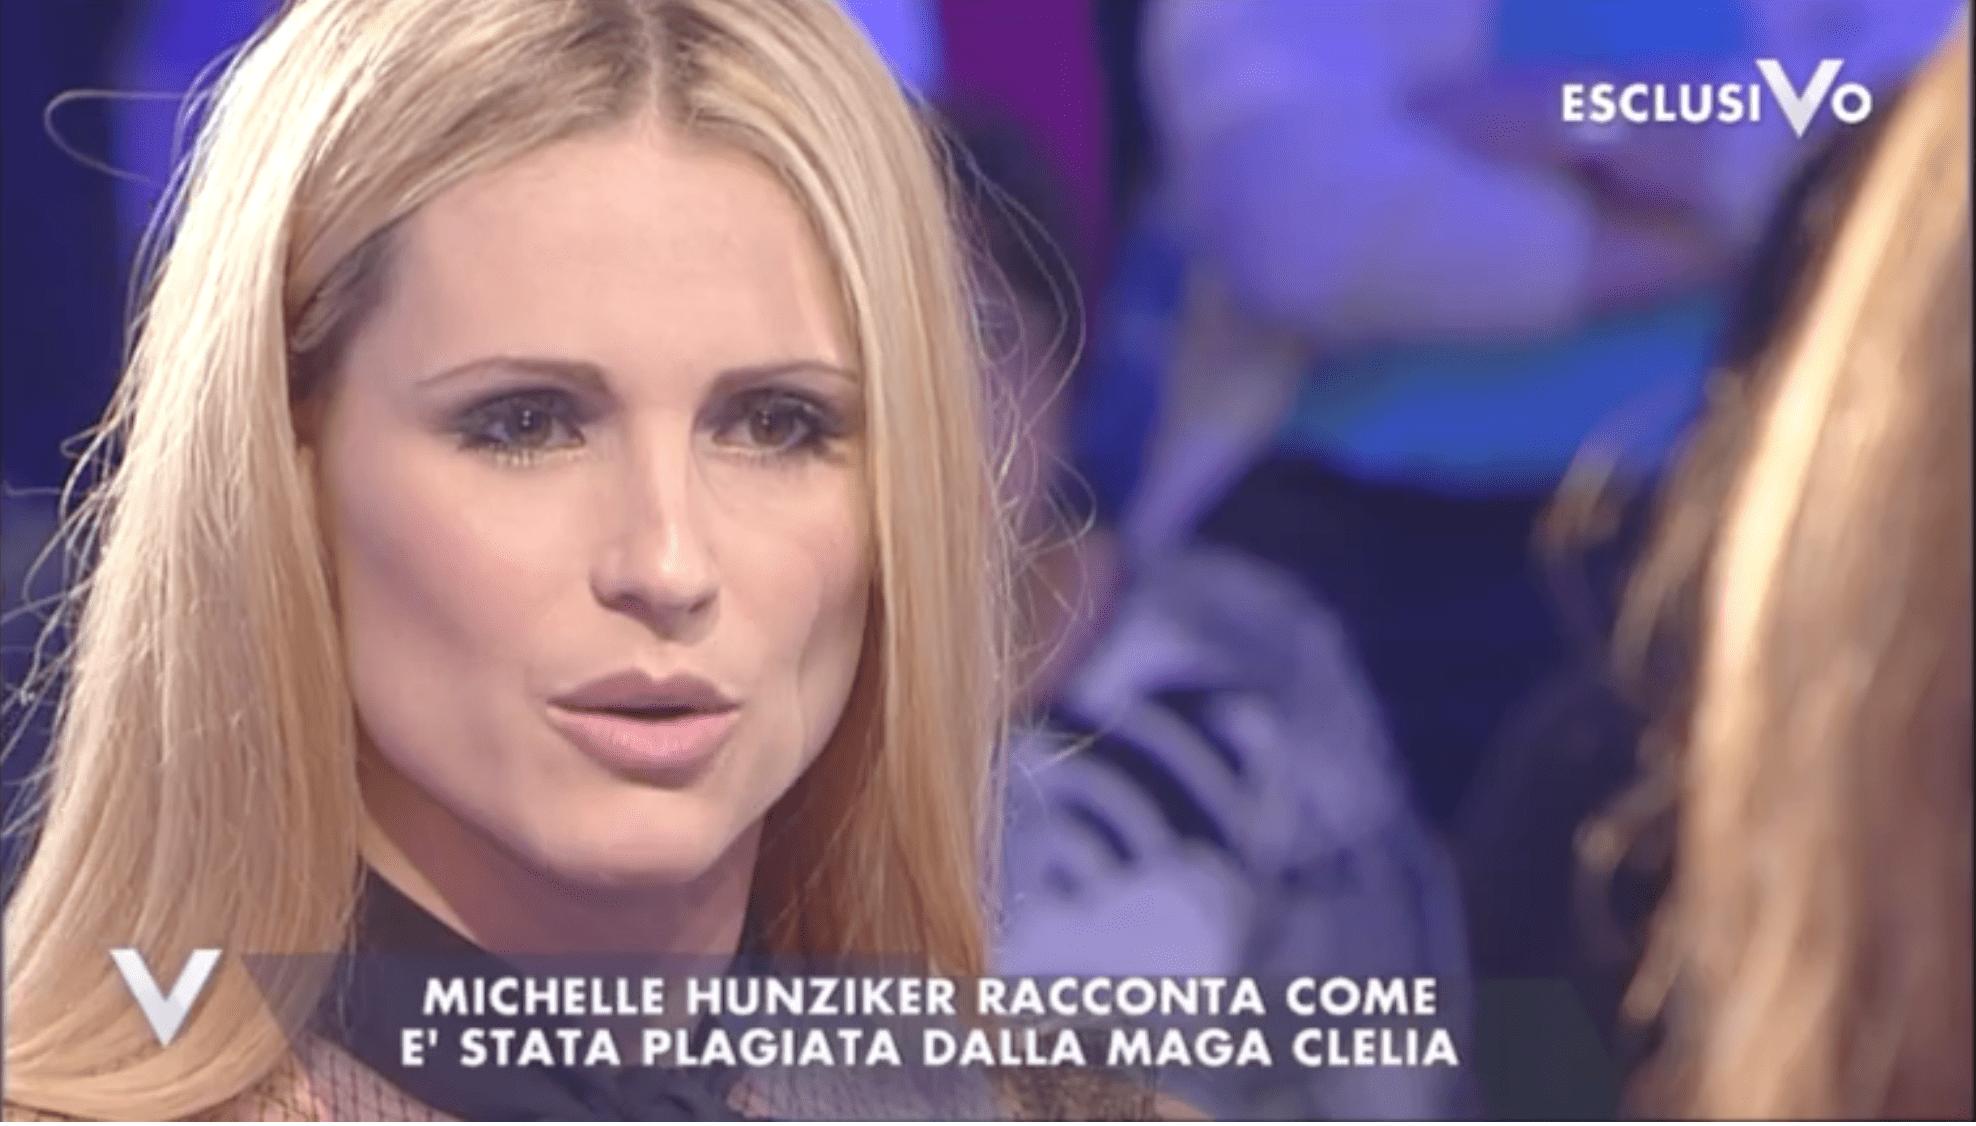 Michelle hunziker parla del padre alcolizzato